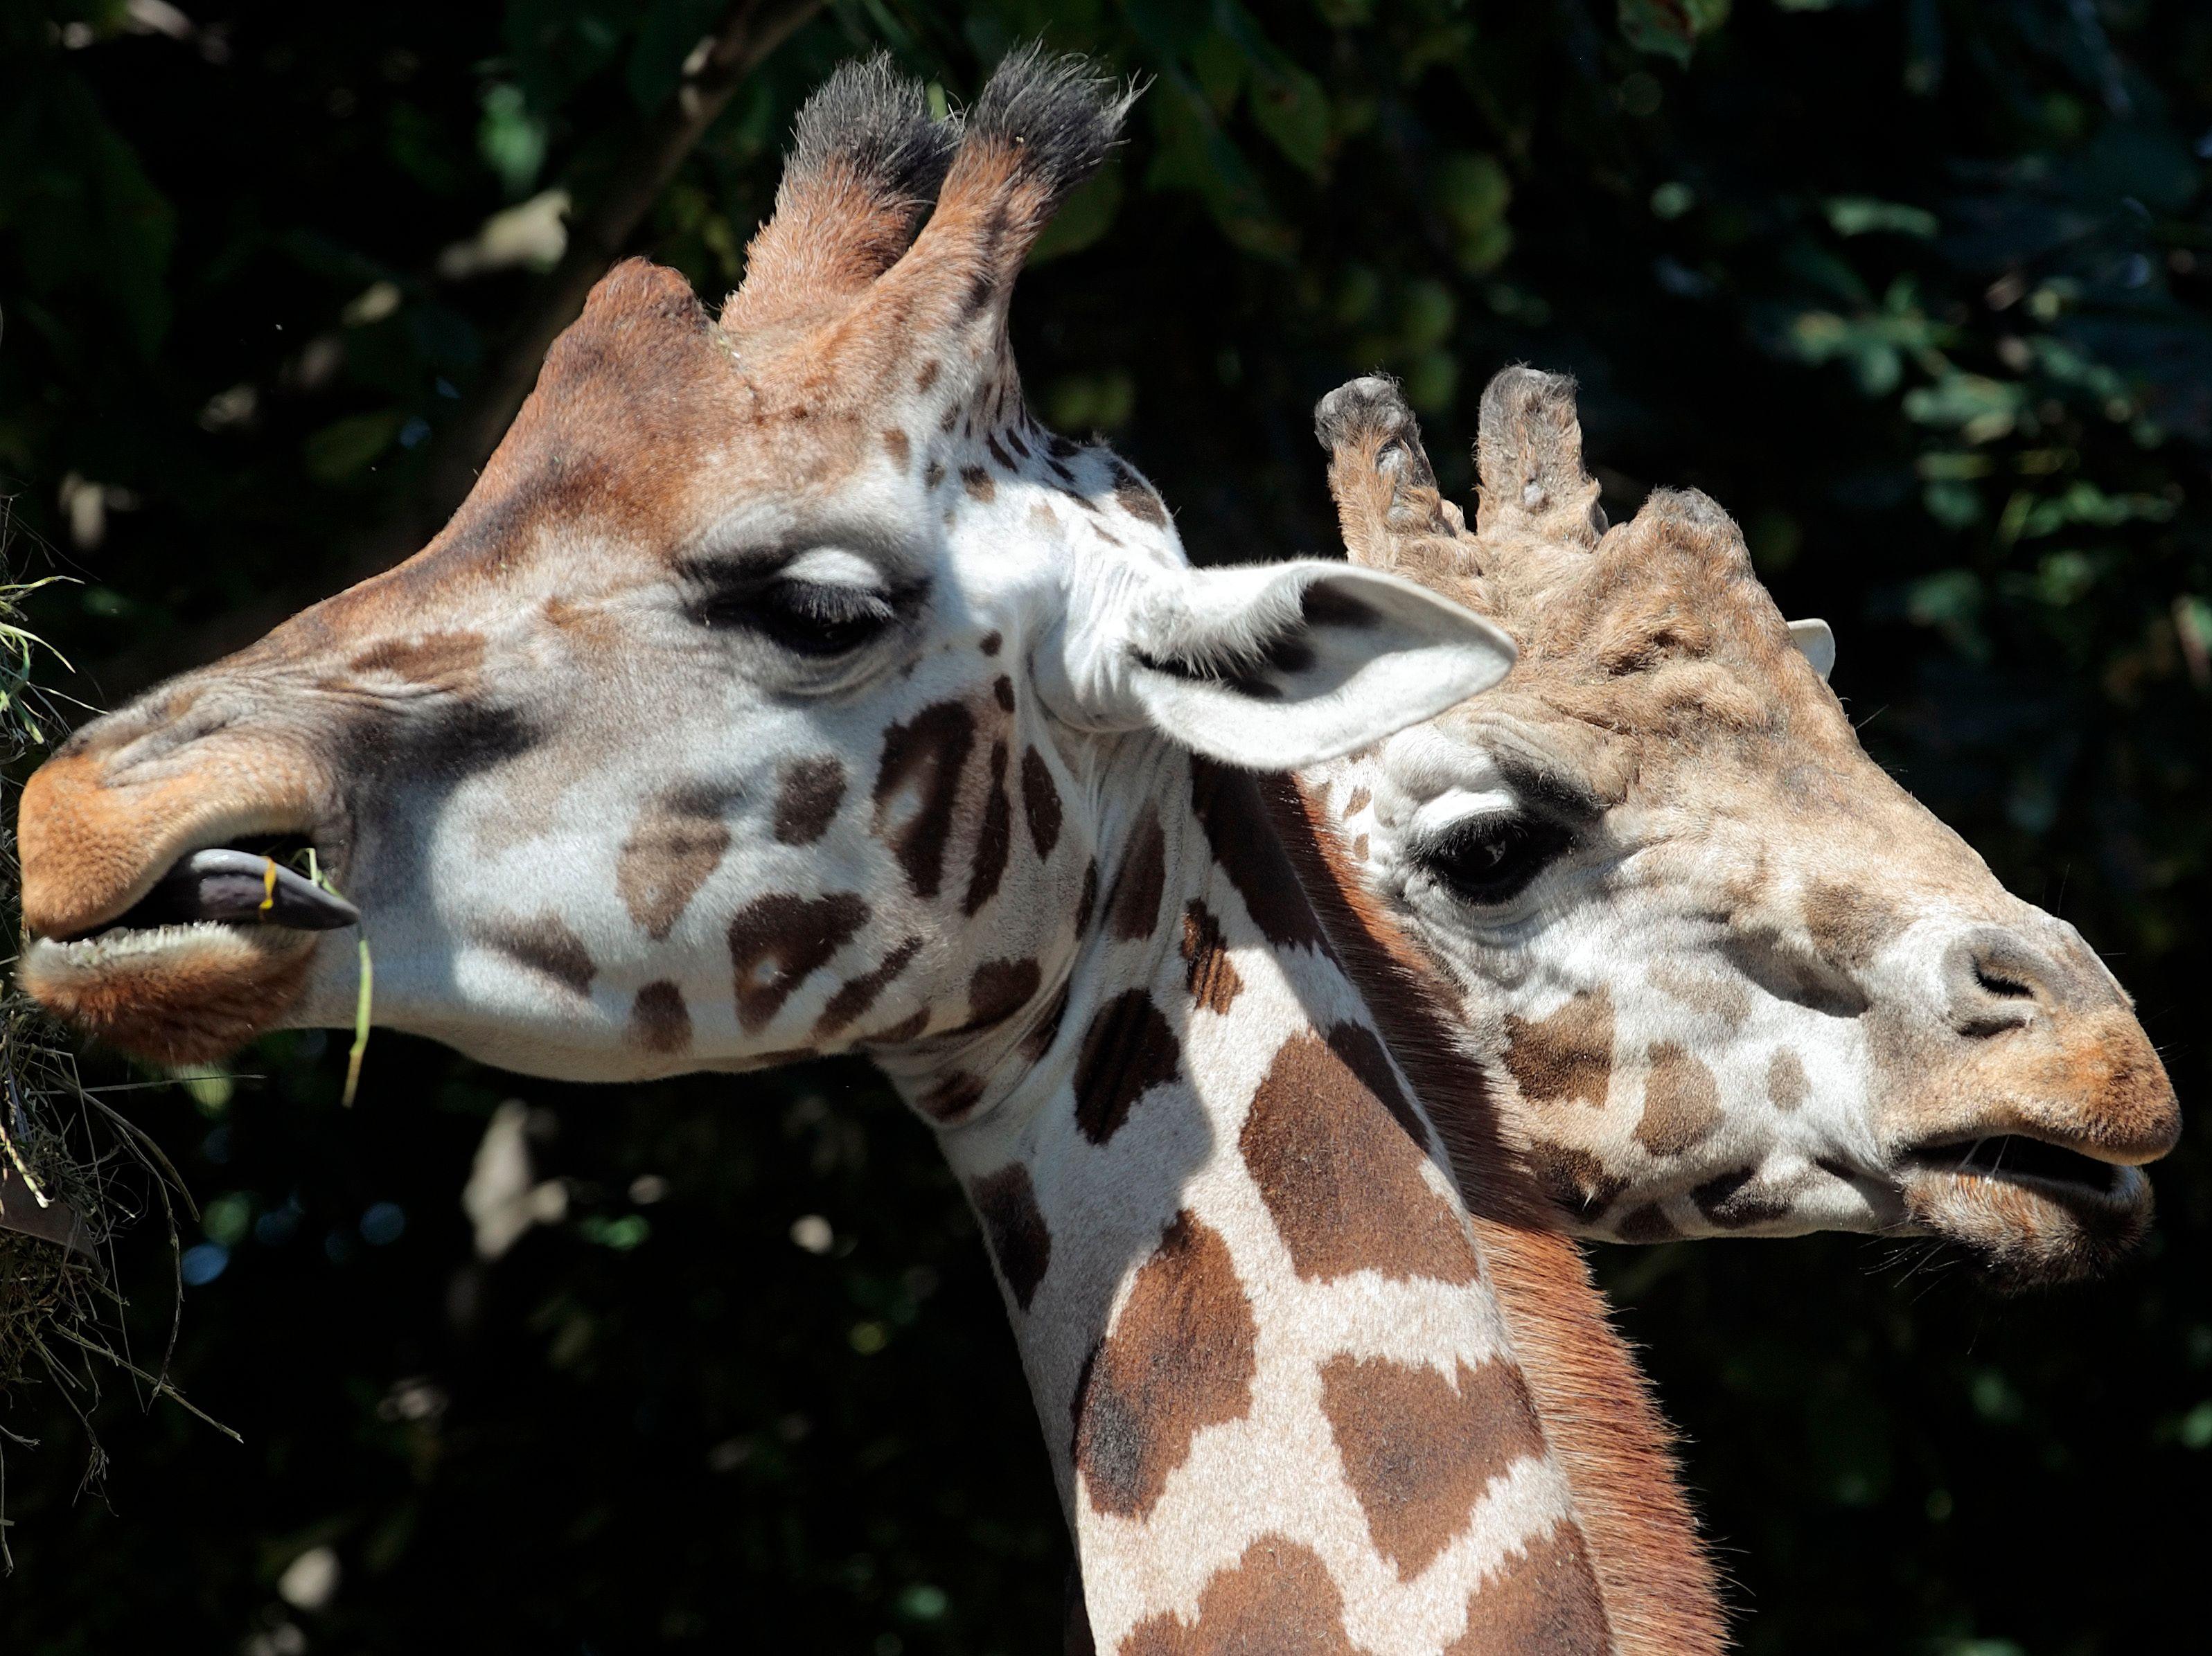 Des chercheurs Sud-Africains ont découvert de la viande de girafe dans des bâtonnets de viande censée être... de l'antilope.